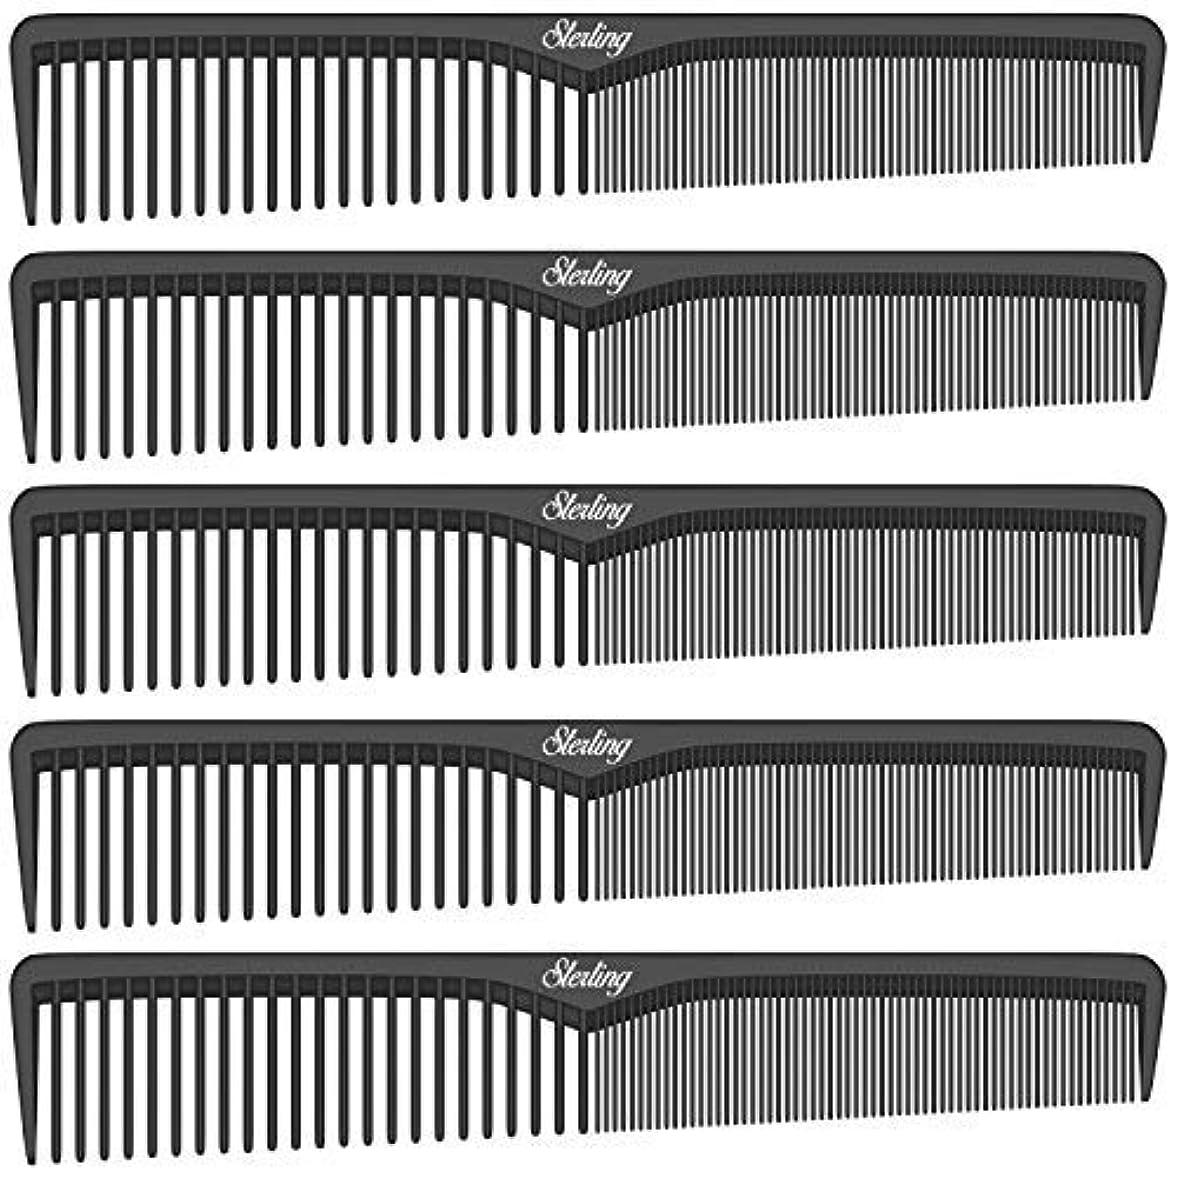 風が強いメディック手当Sterling Beauty Tools Styling Combs, Professional 7